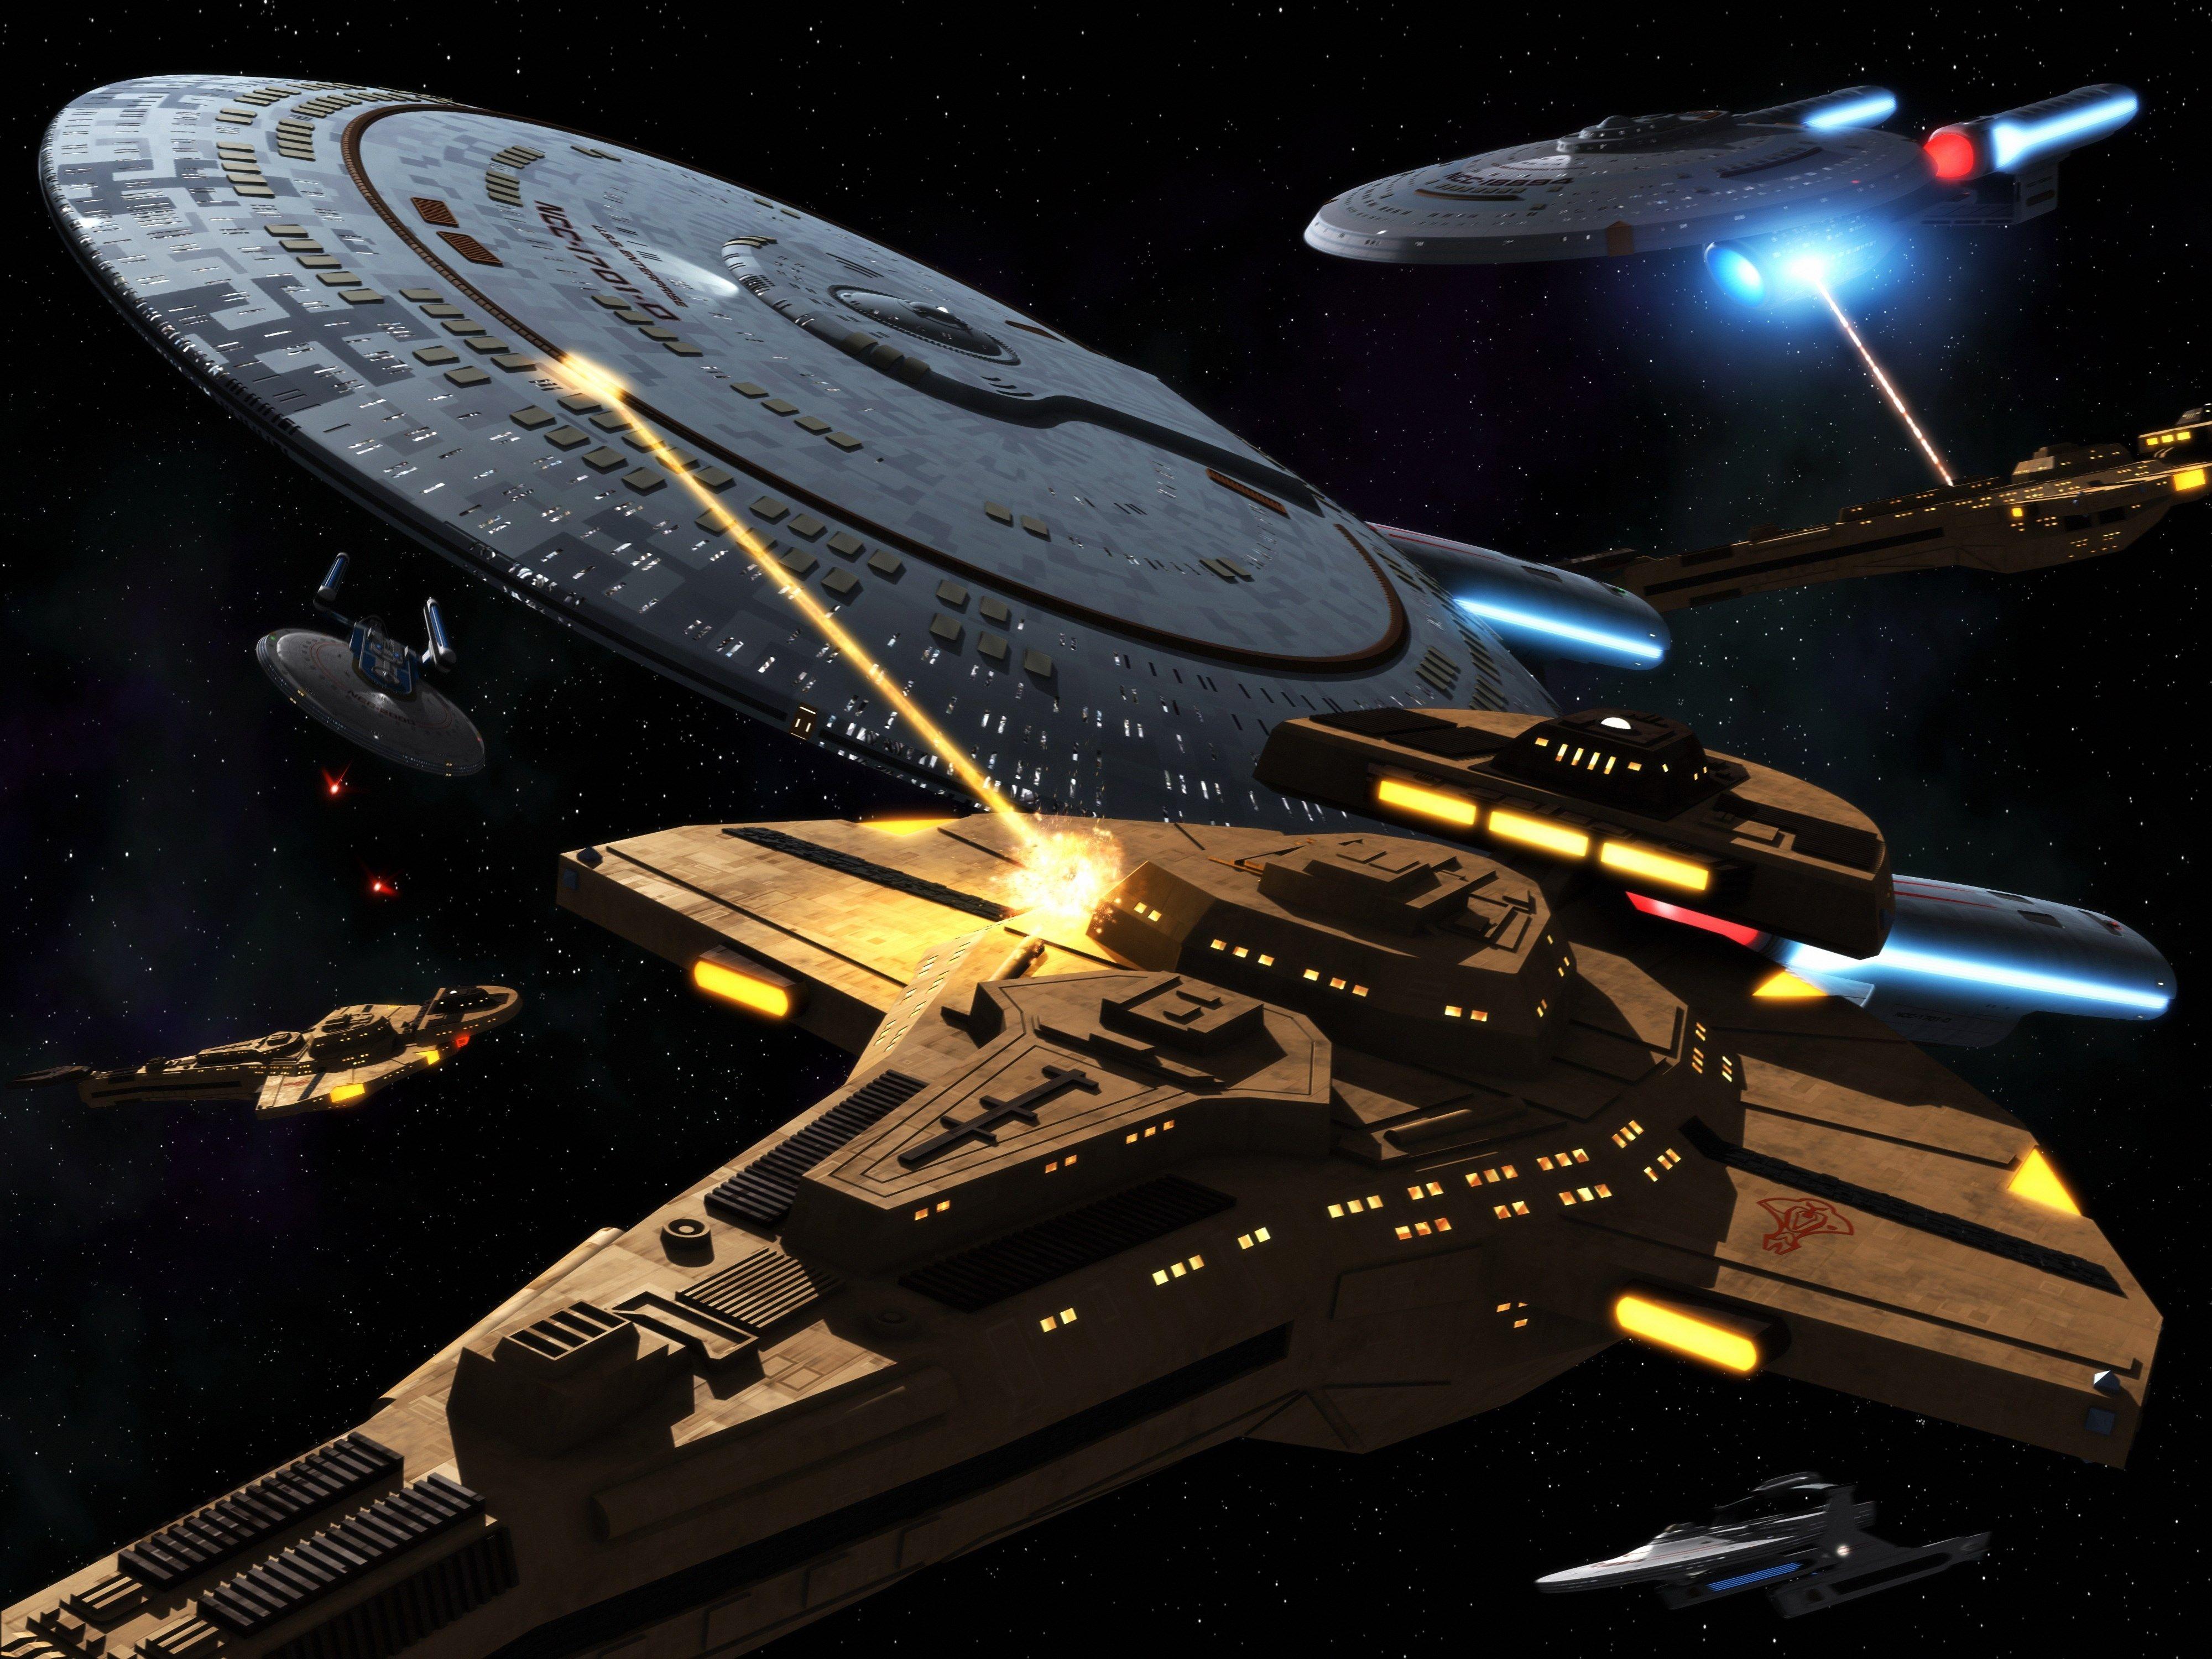 4000x3000 Widescreen Wallpaper Star Trek Starfleet Ships Star Trek Starships Star Trek Ships